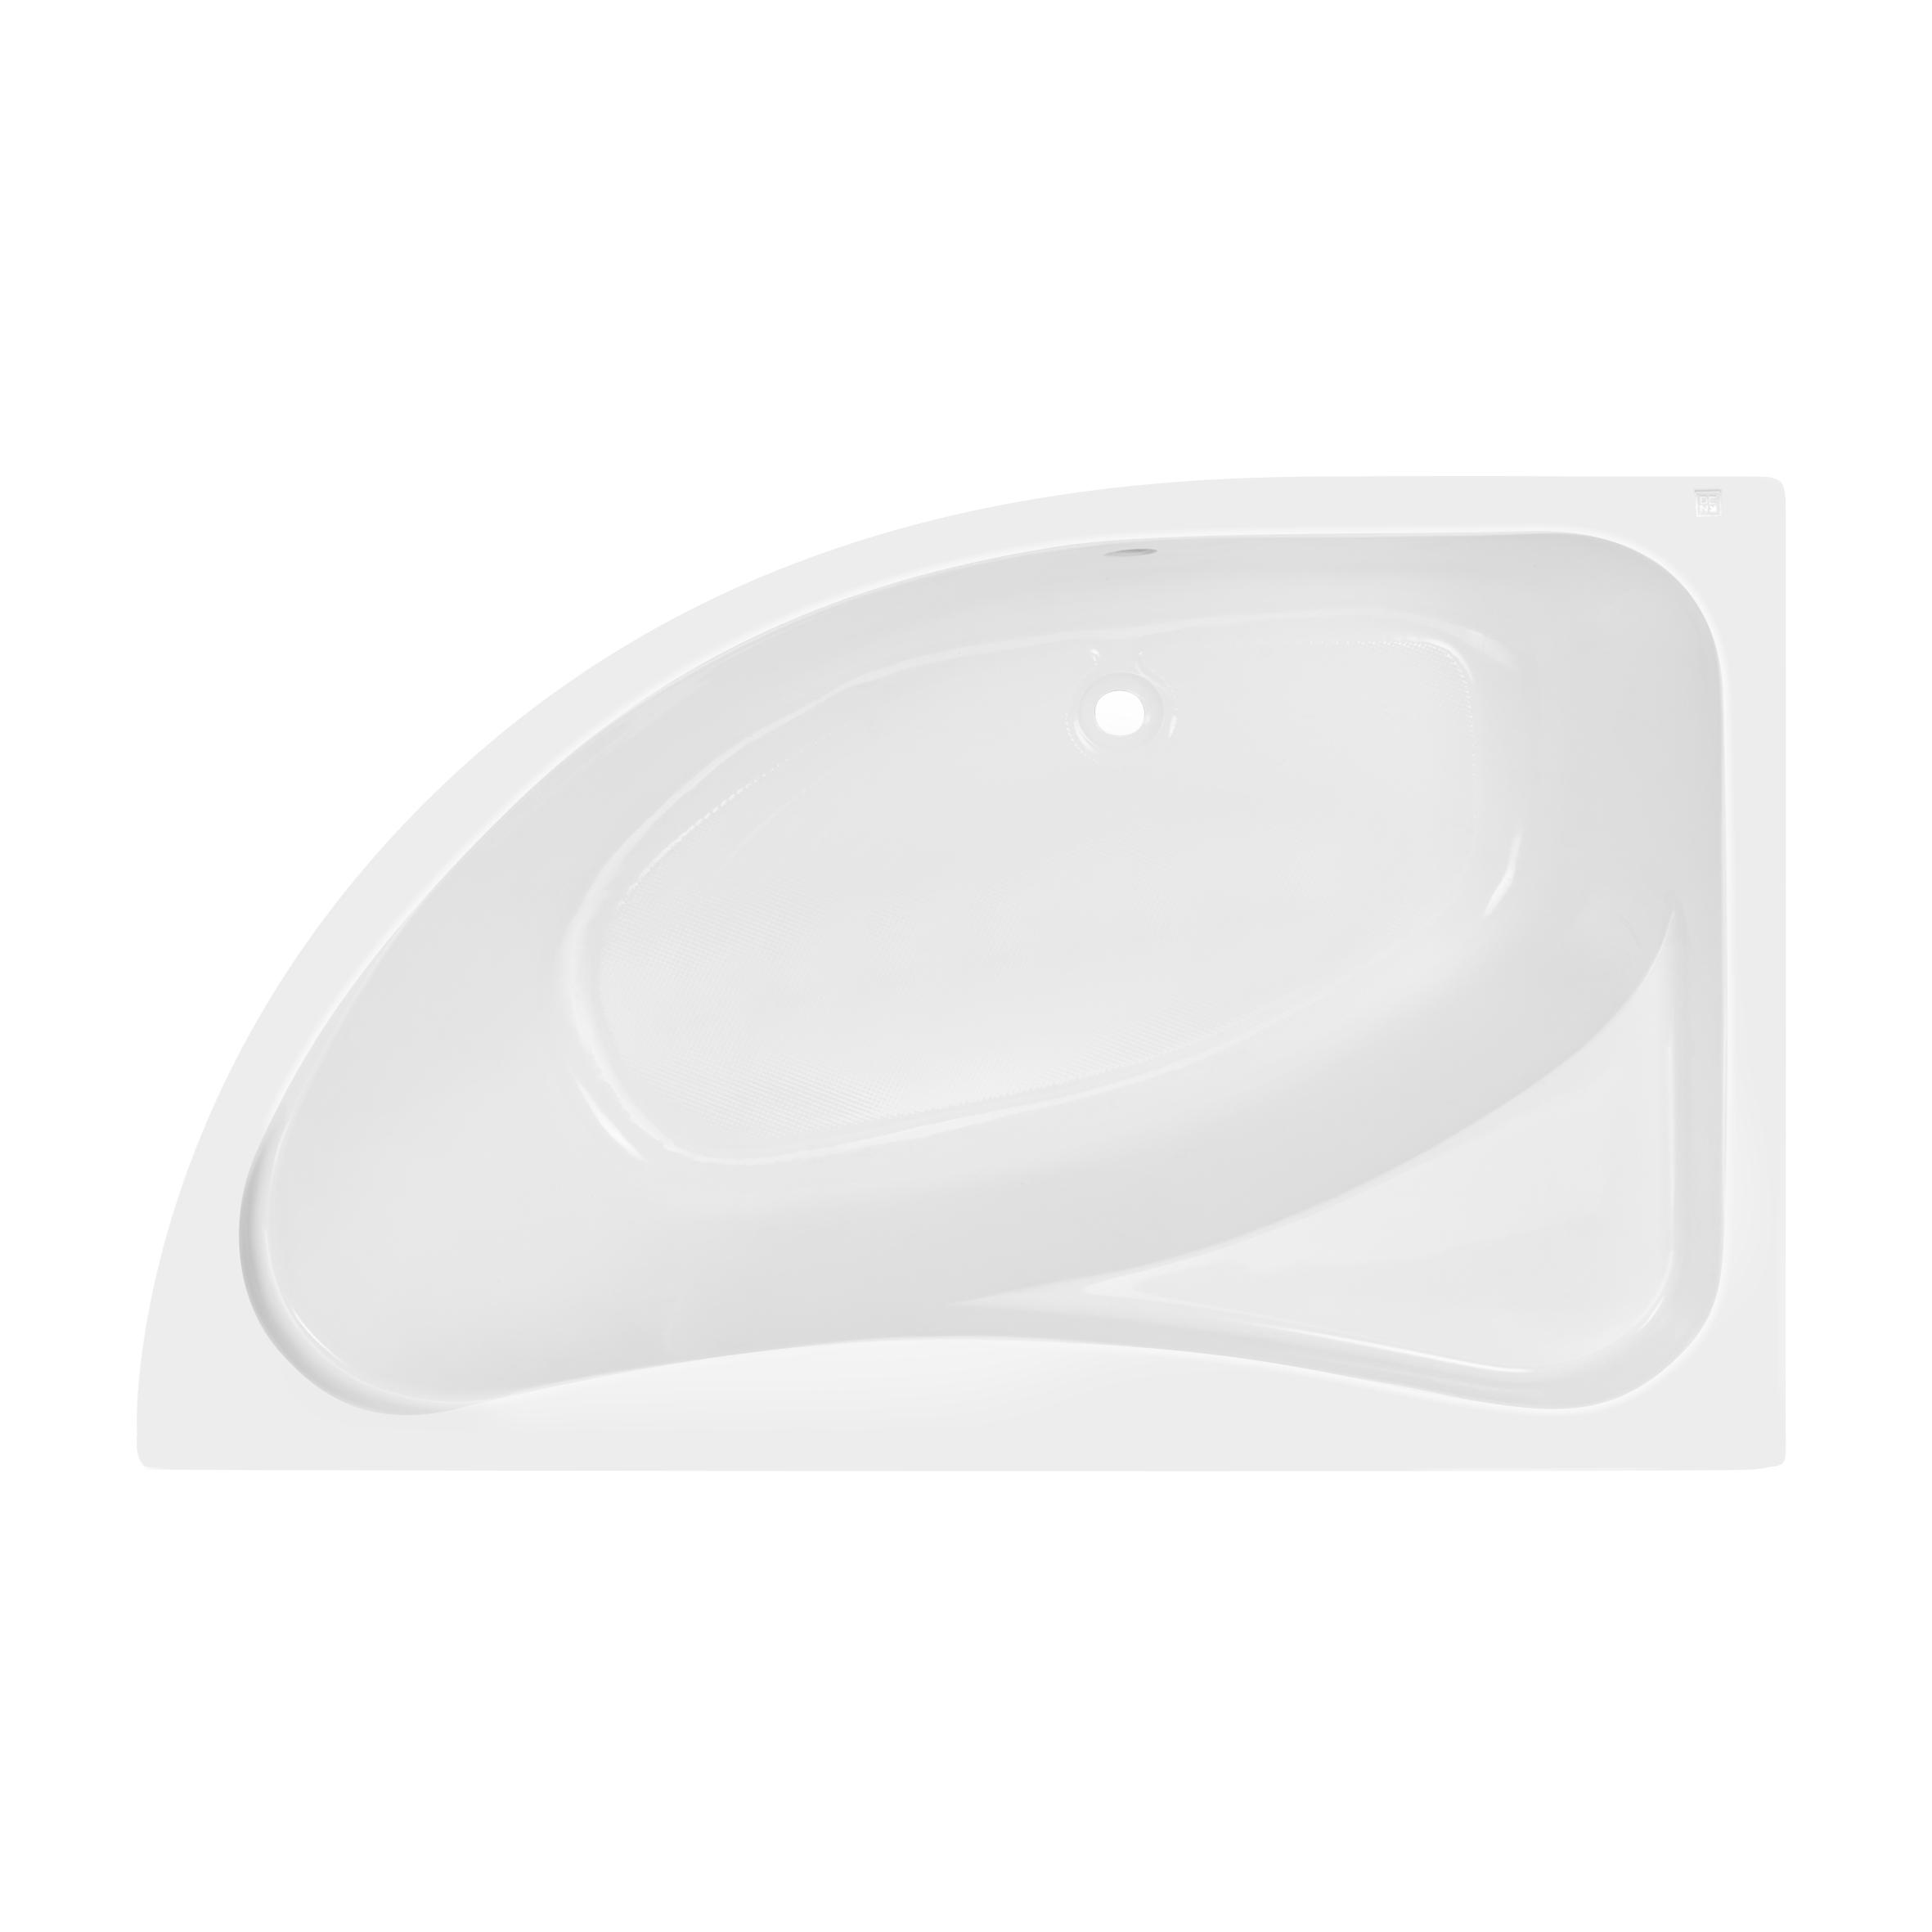 Ванна акриловая Lidz Wawel 170L 170x100 с ножками Nozki A 170